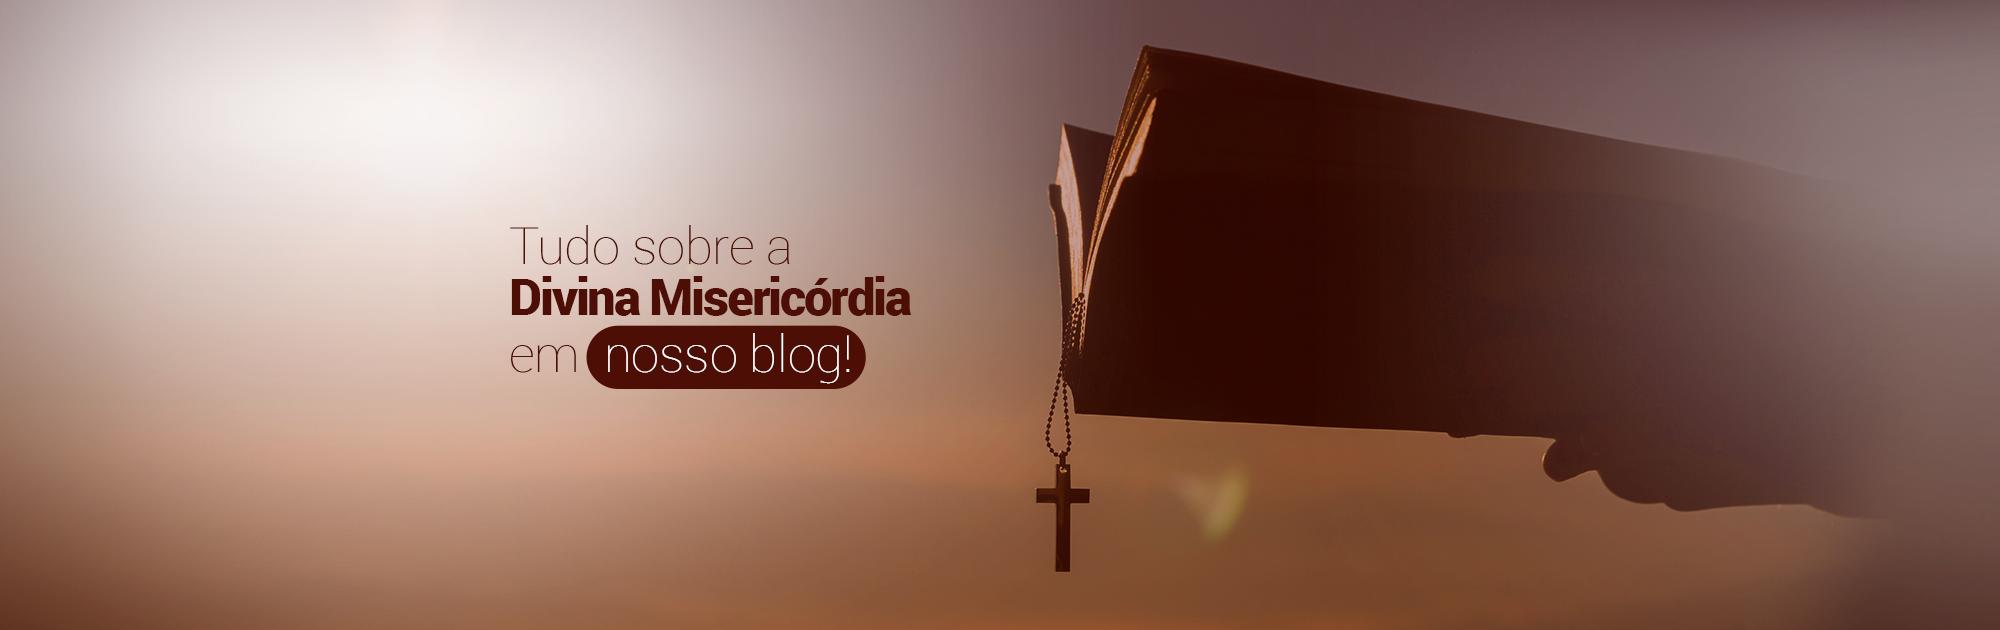 Banner 3 - Junho - Divina Misericordia